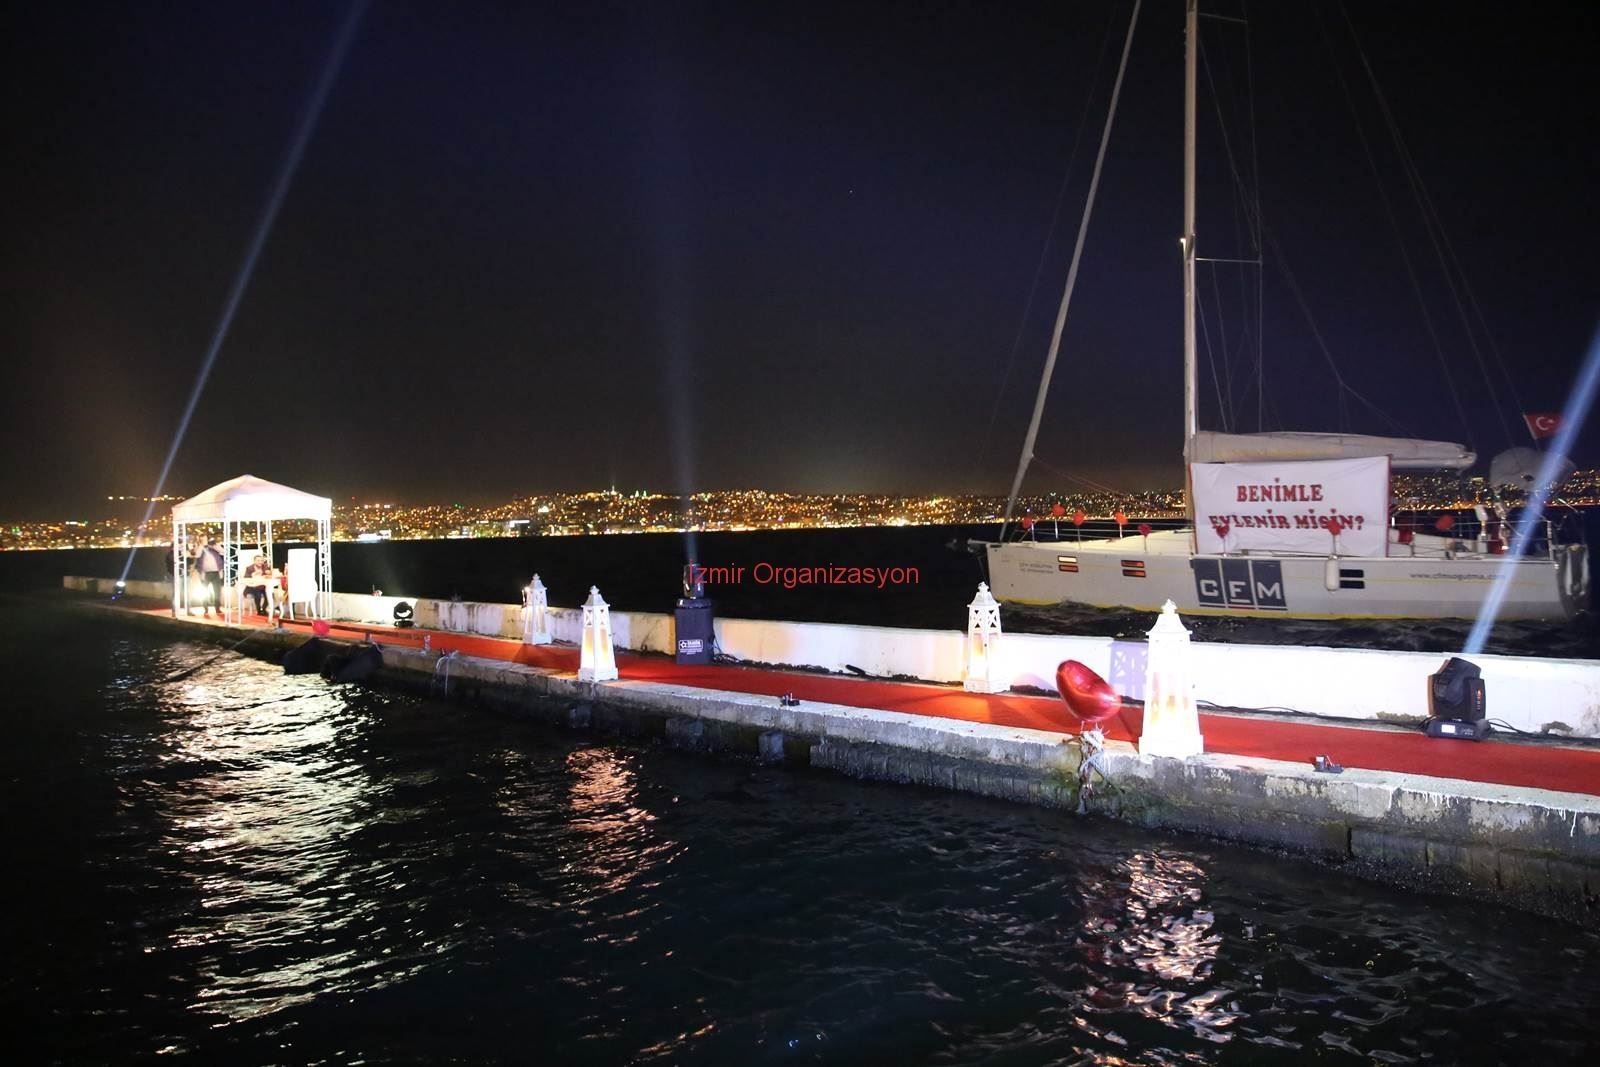 Karşıyaka Yelken Kulübü'nde Evlilik Teklifi Organizasyonu